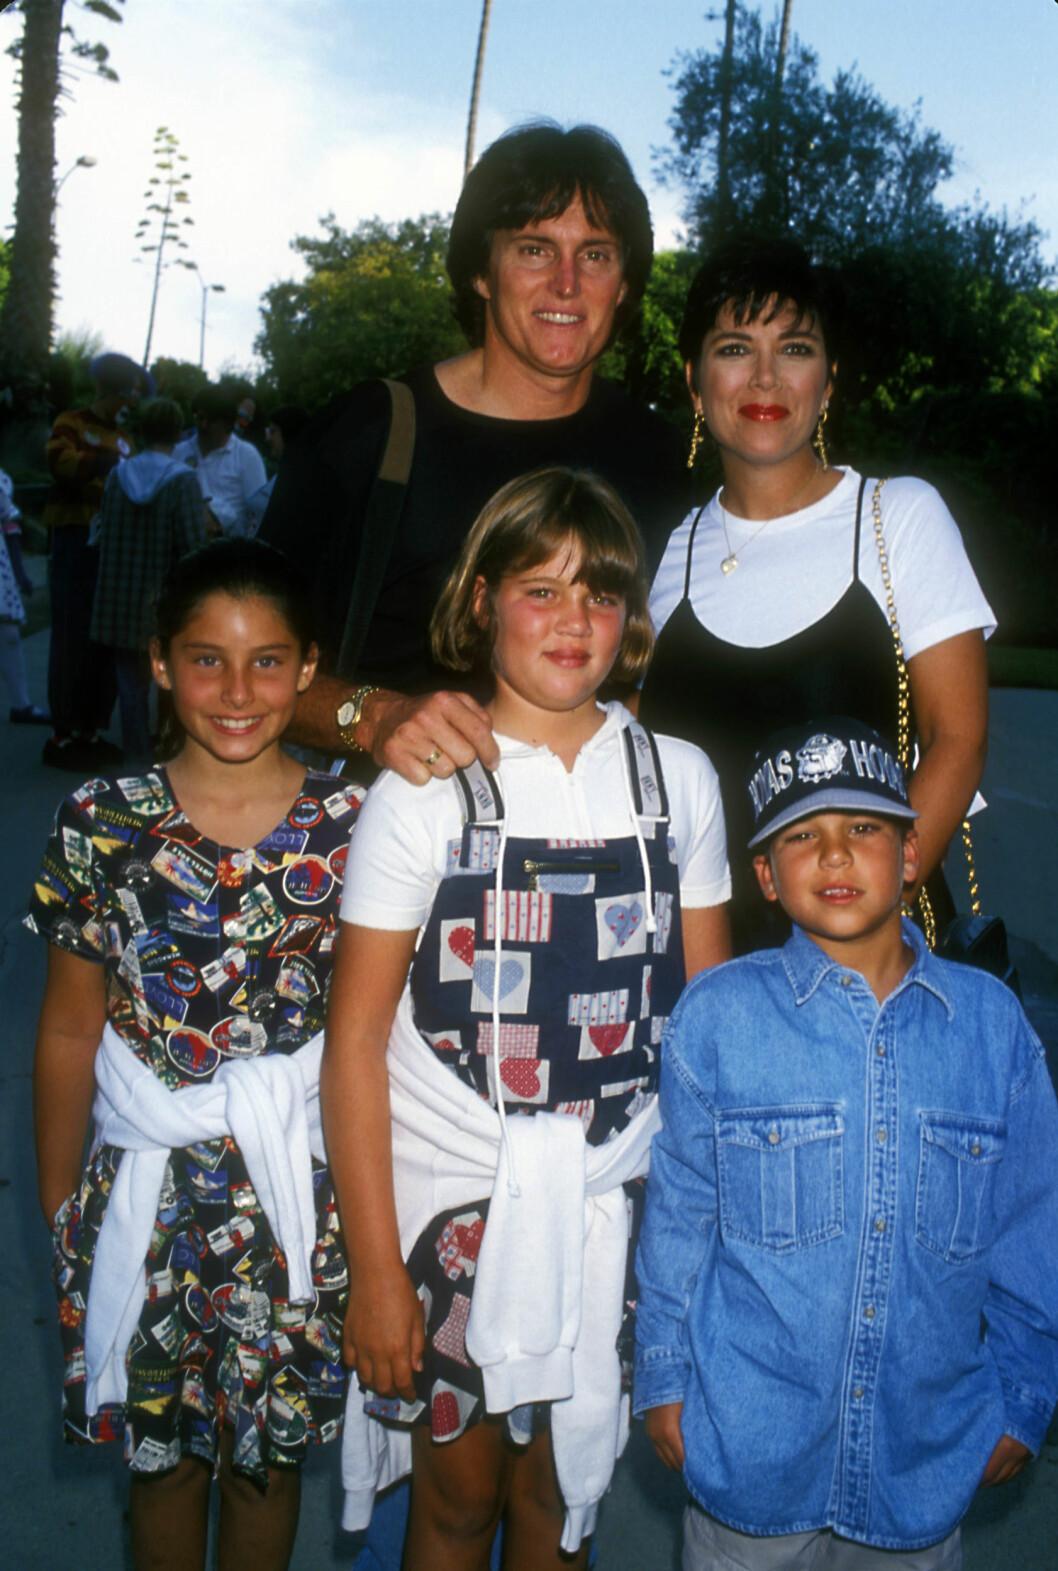 DEN GANG: Bruce Jenner (nå Caitlyn) og Kris giftet seg i 1991. På bildet står en ung Khloé Kardashian i midten.  Foto: Zuma Press